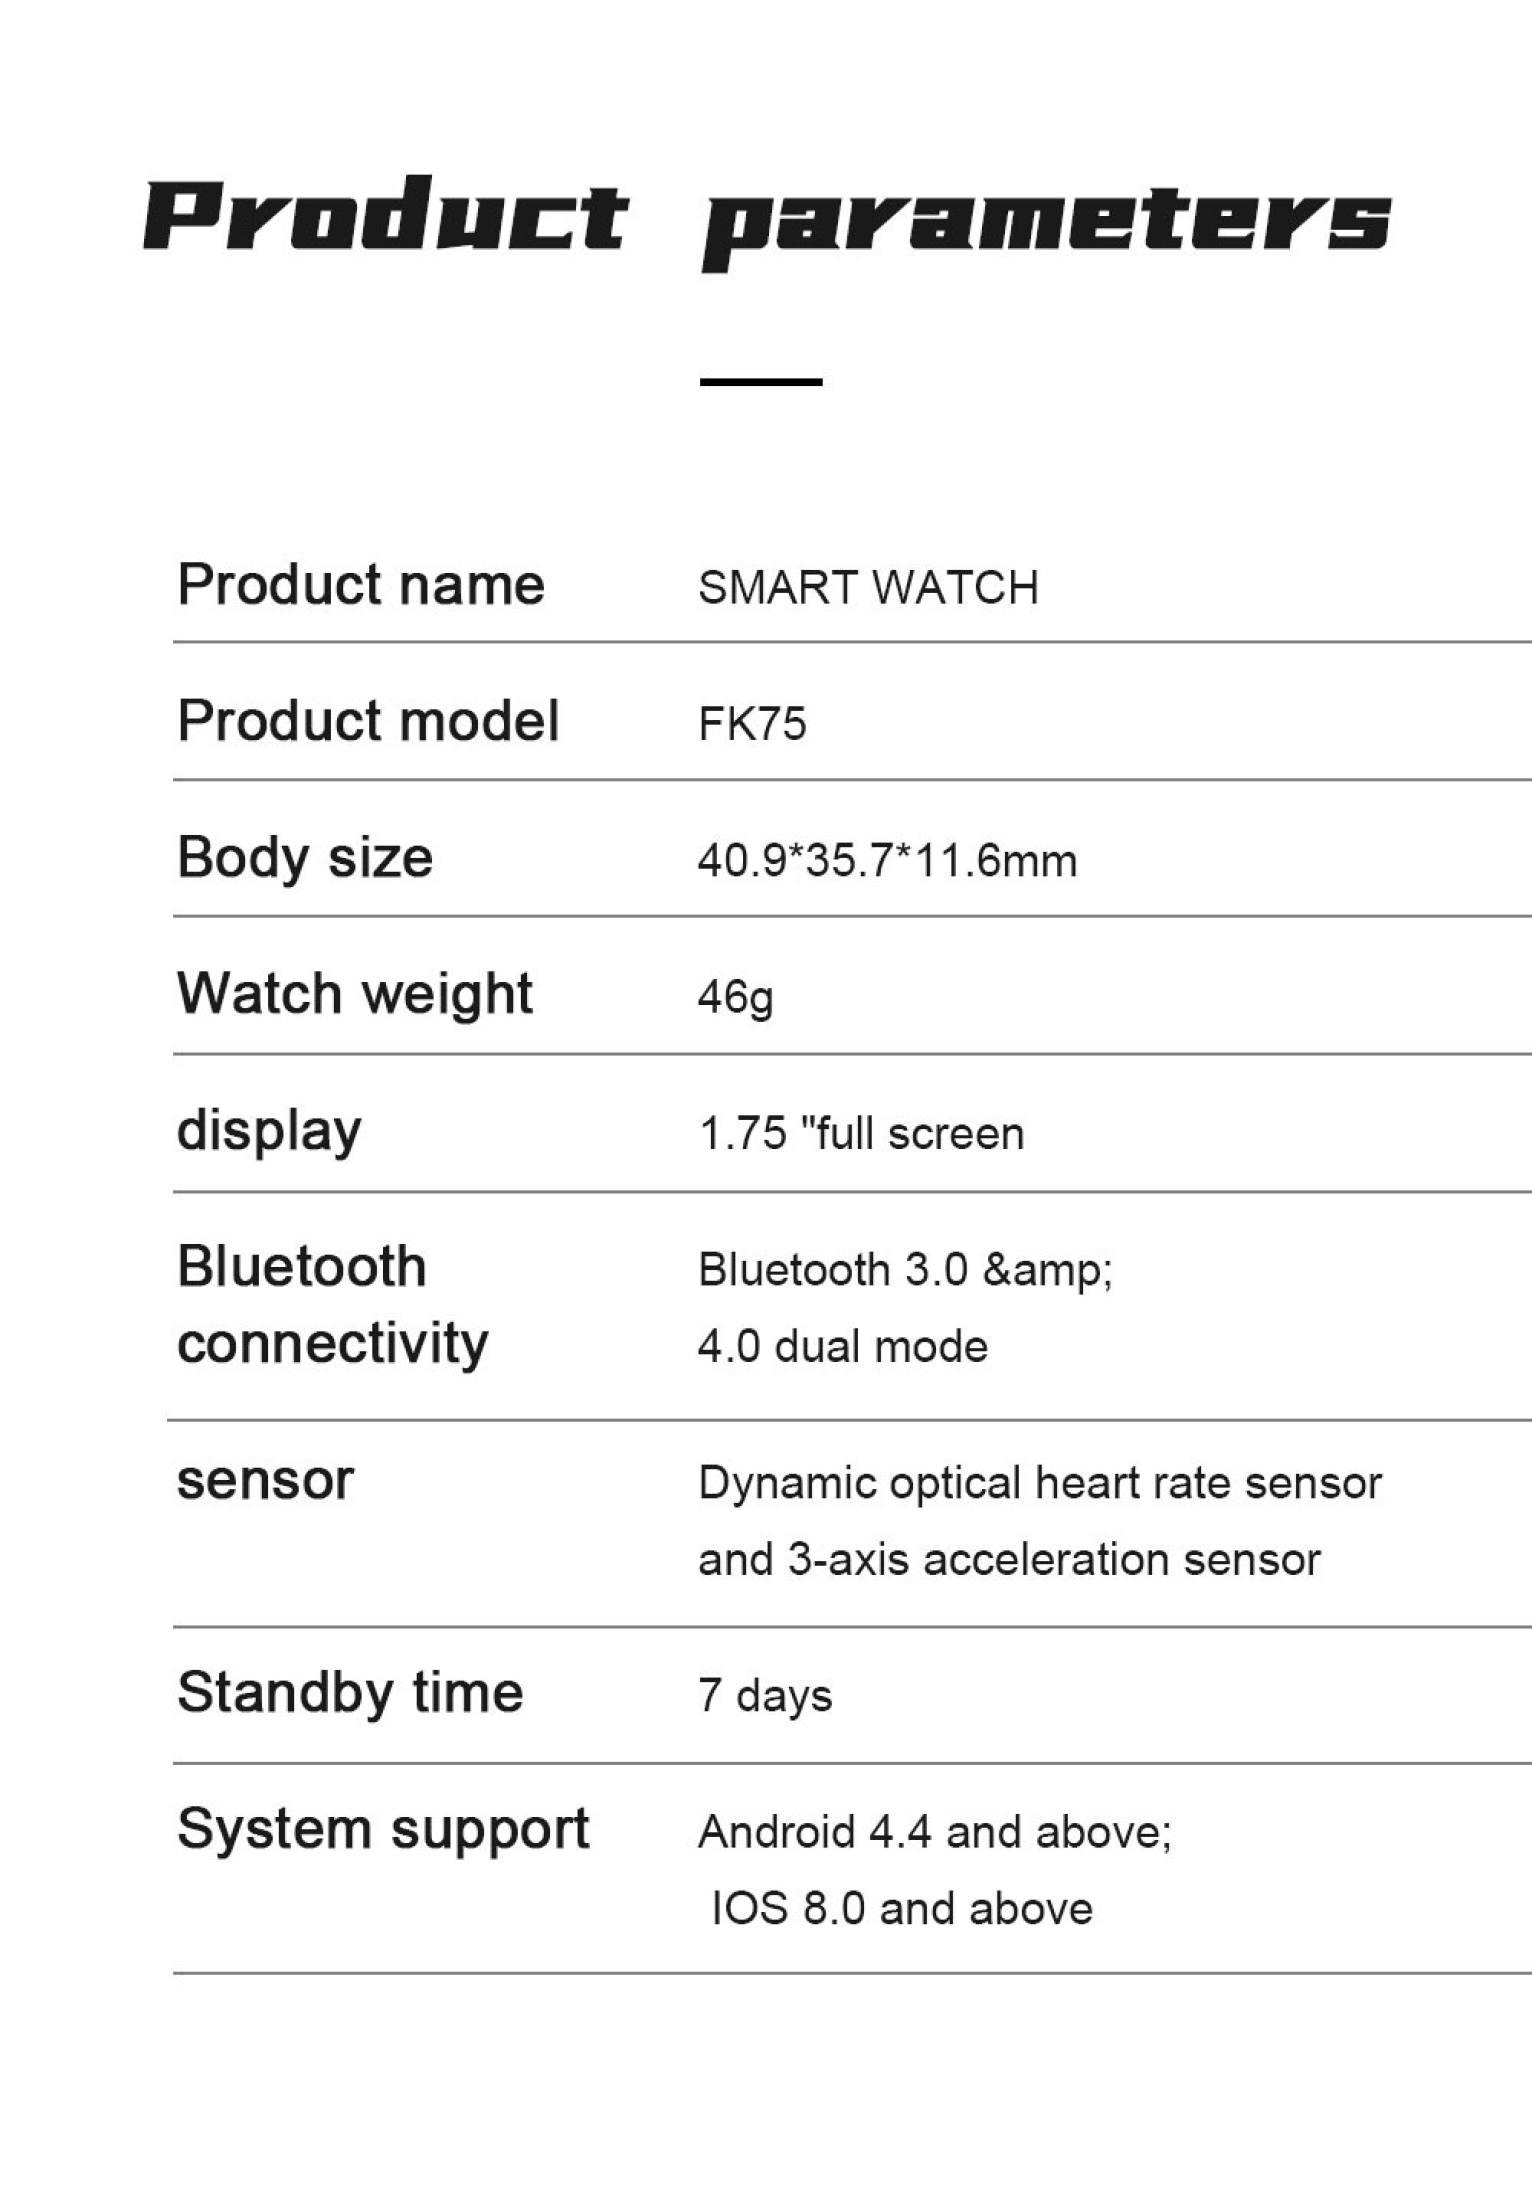 ساعت هوشمند FK75 34 - ساعت هوشمند مدل FK75